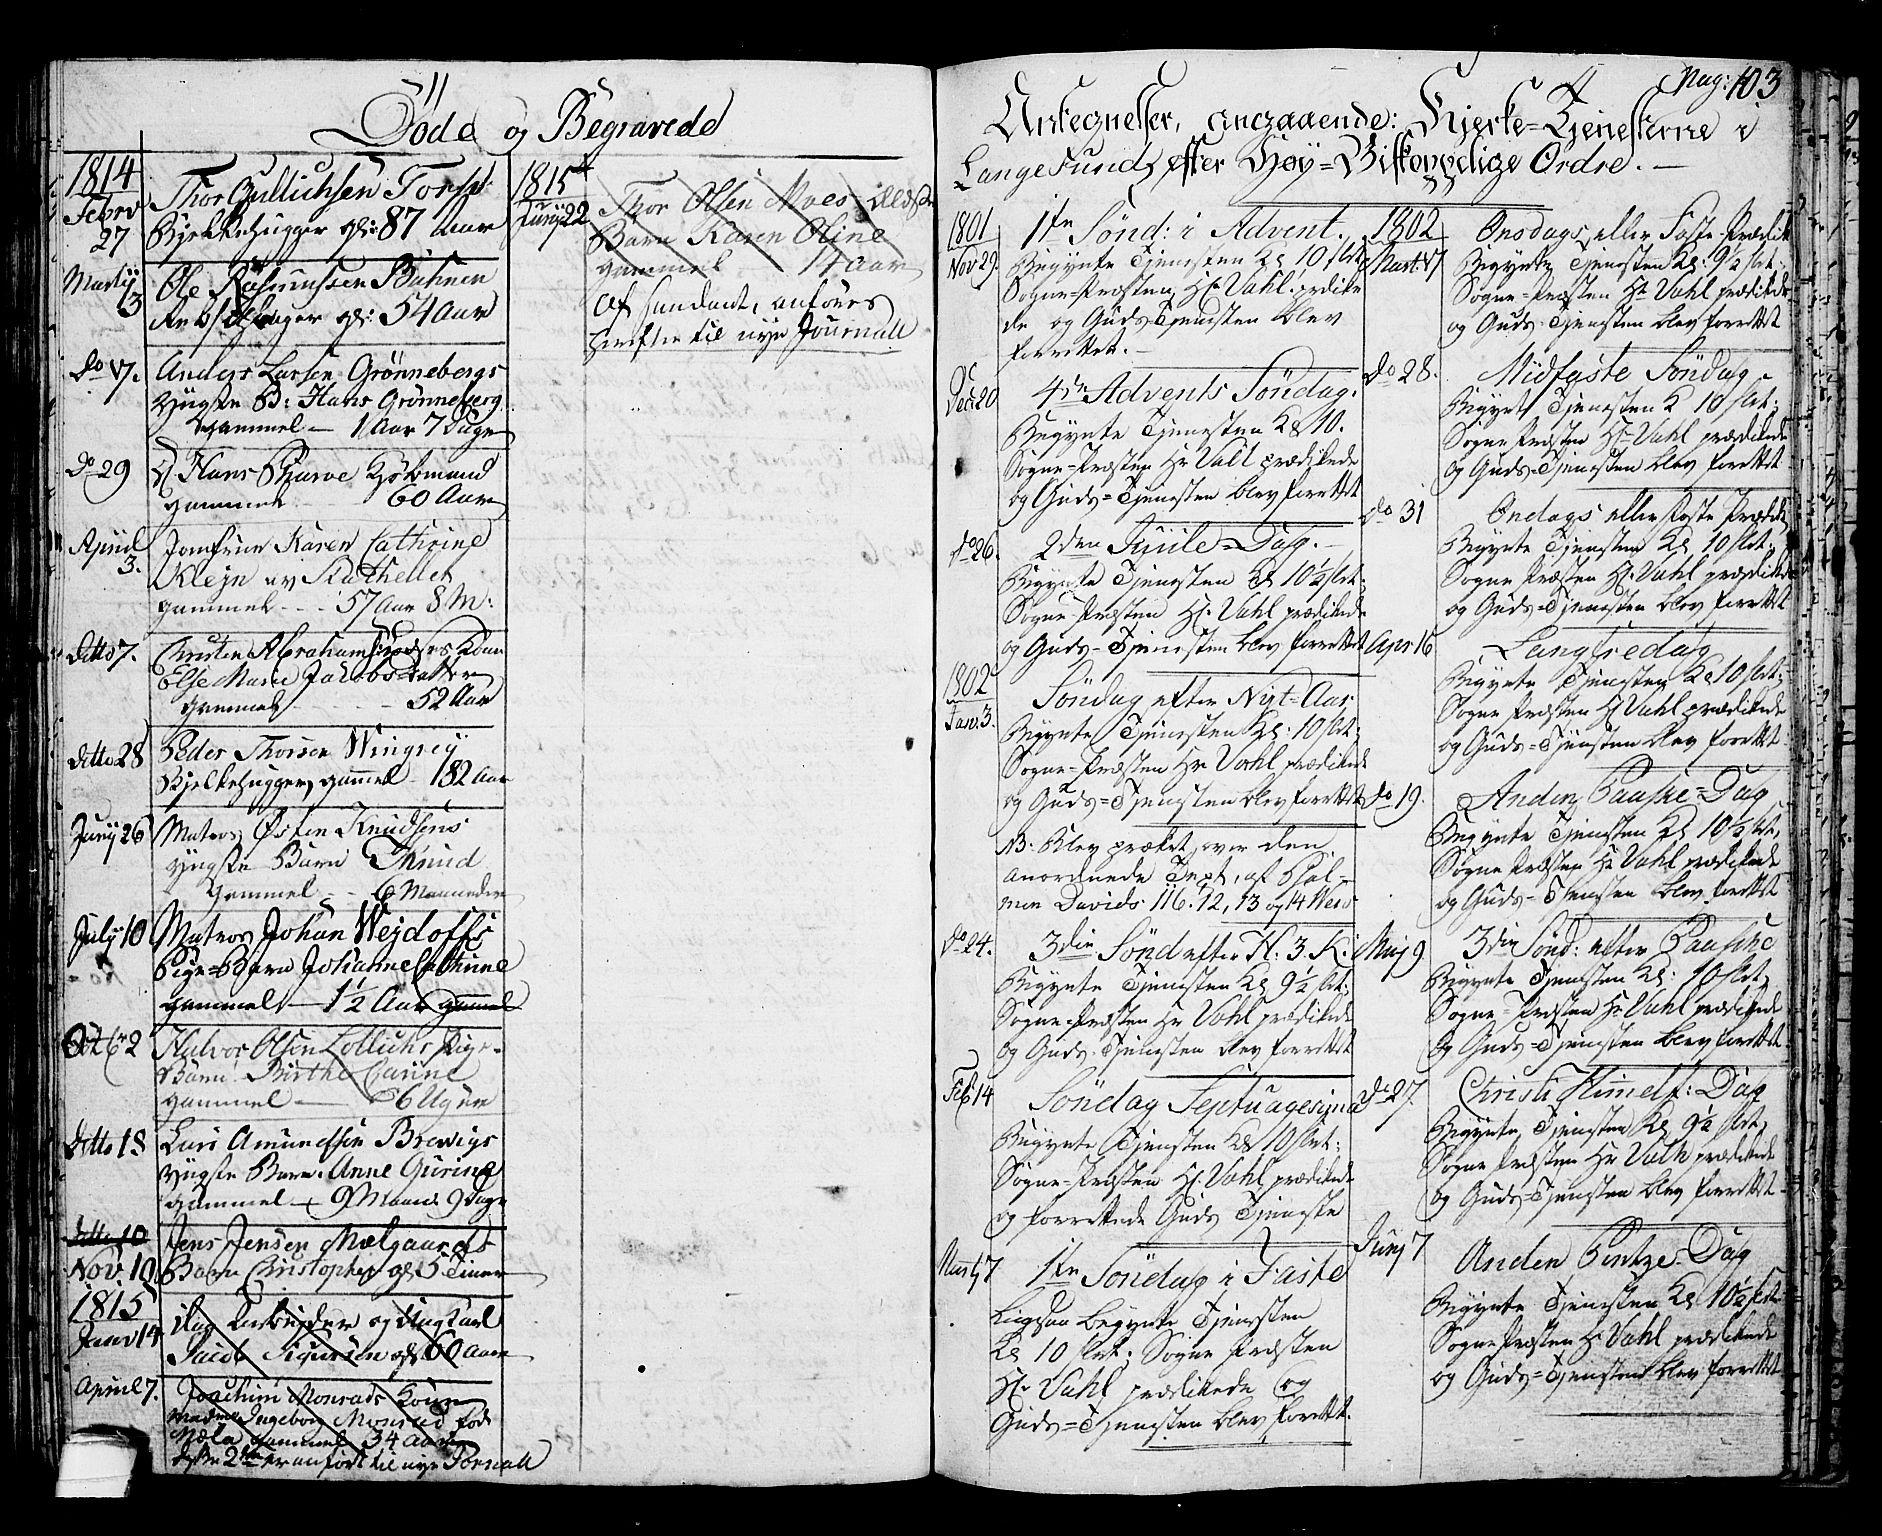 SAKO, Langesund kirkebøker, G/Ga/L0002: Klokkerbok nr. 2, 1801-1815, s. 103